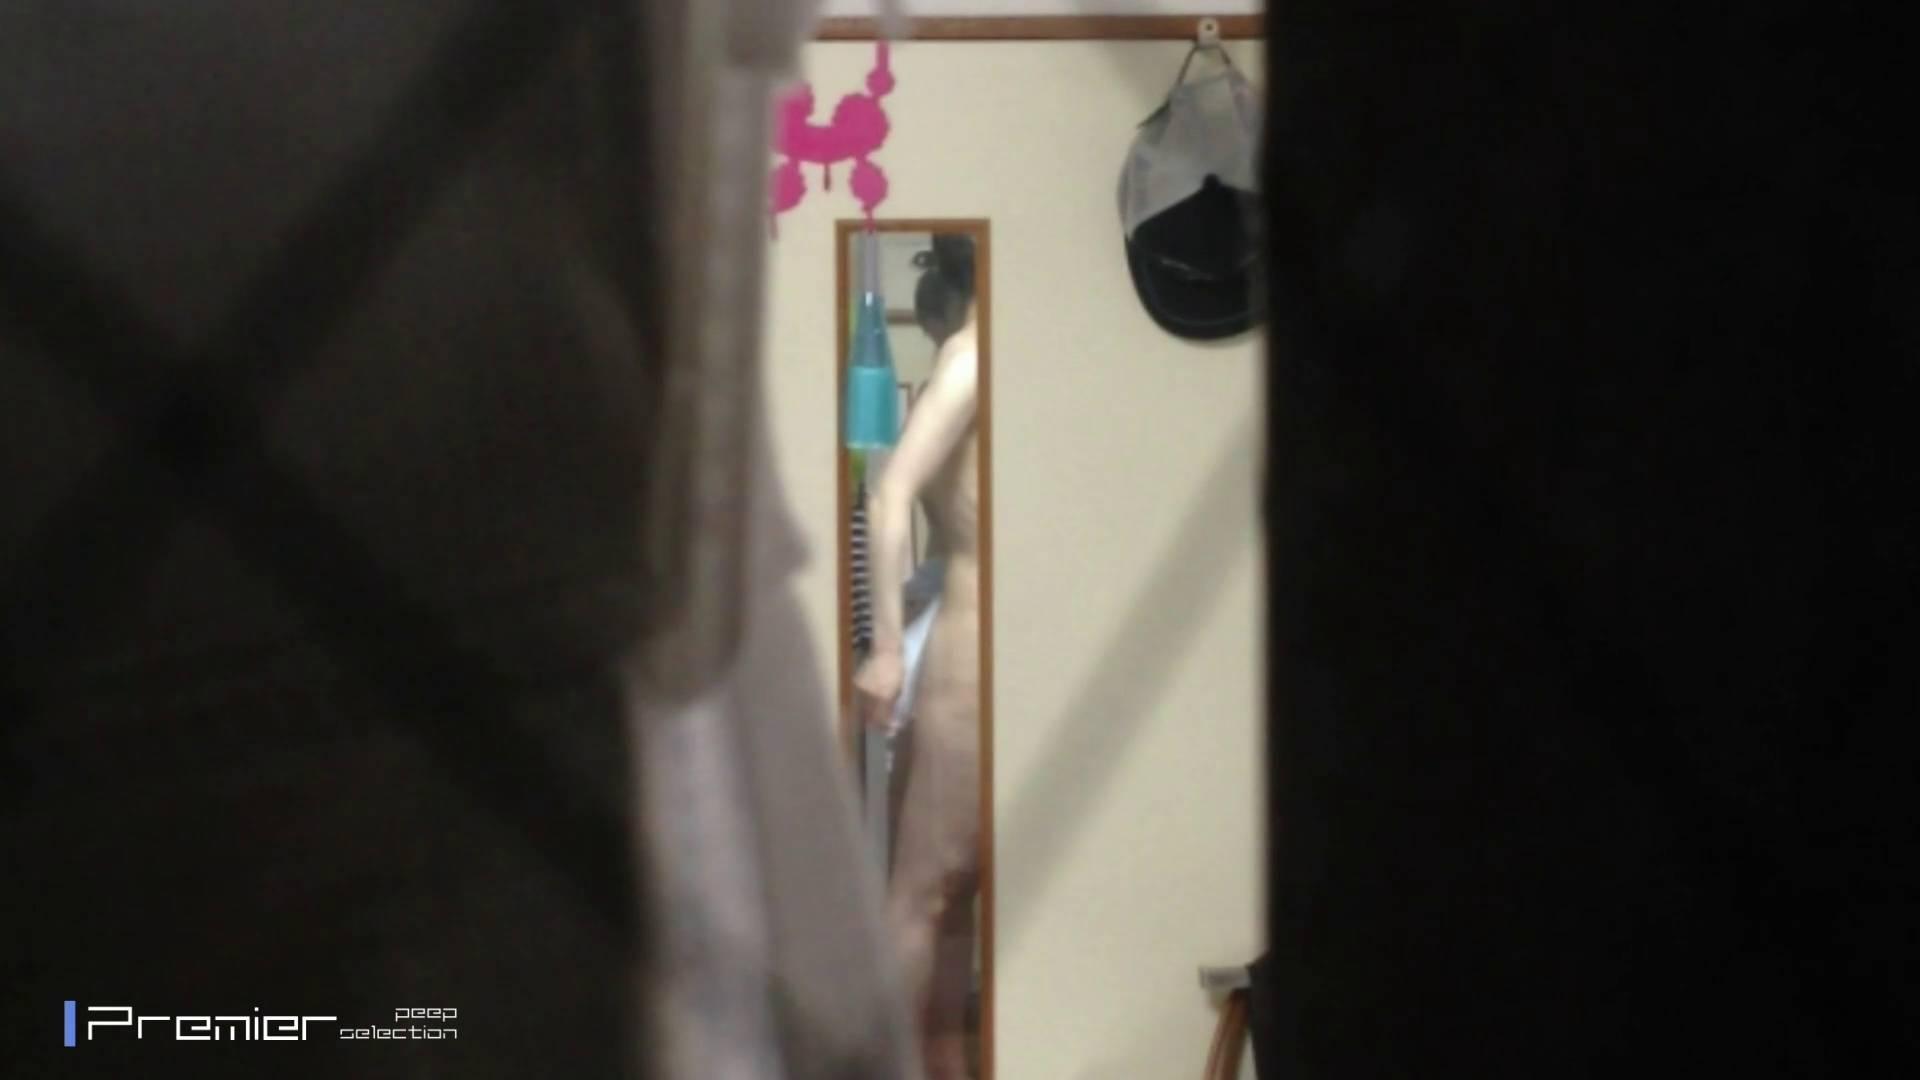 美女たちの日常に潜むエロス 美女達の私生活に潜入! 美女  89pic 60